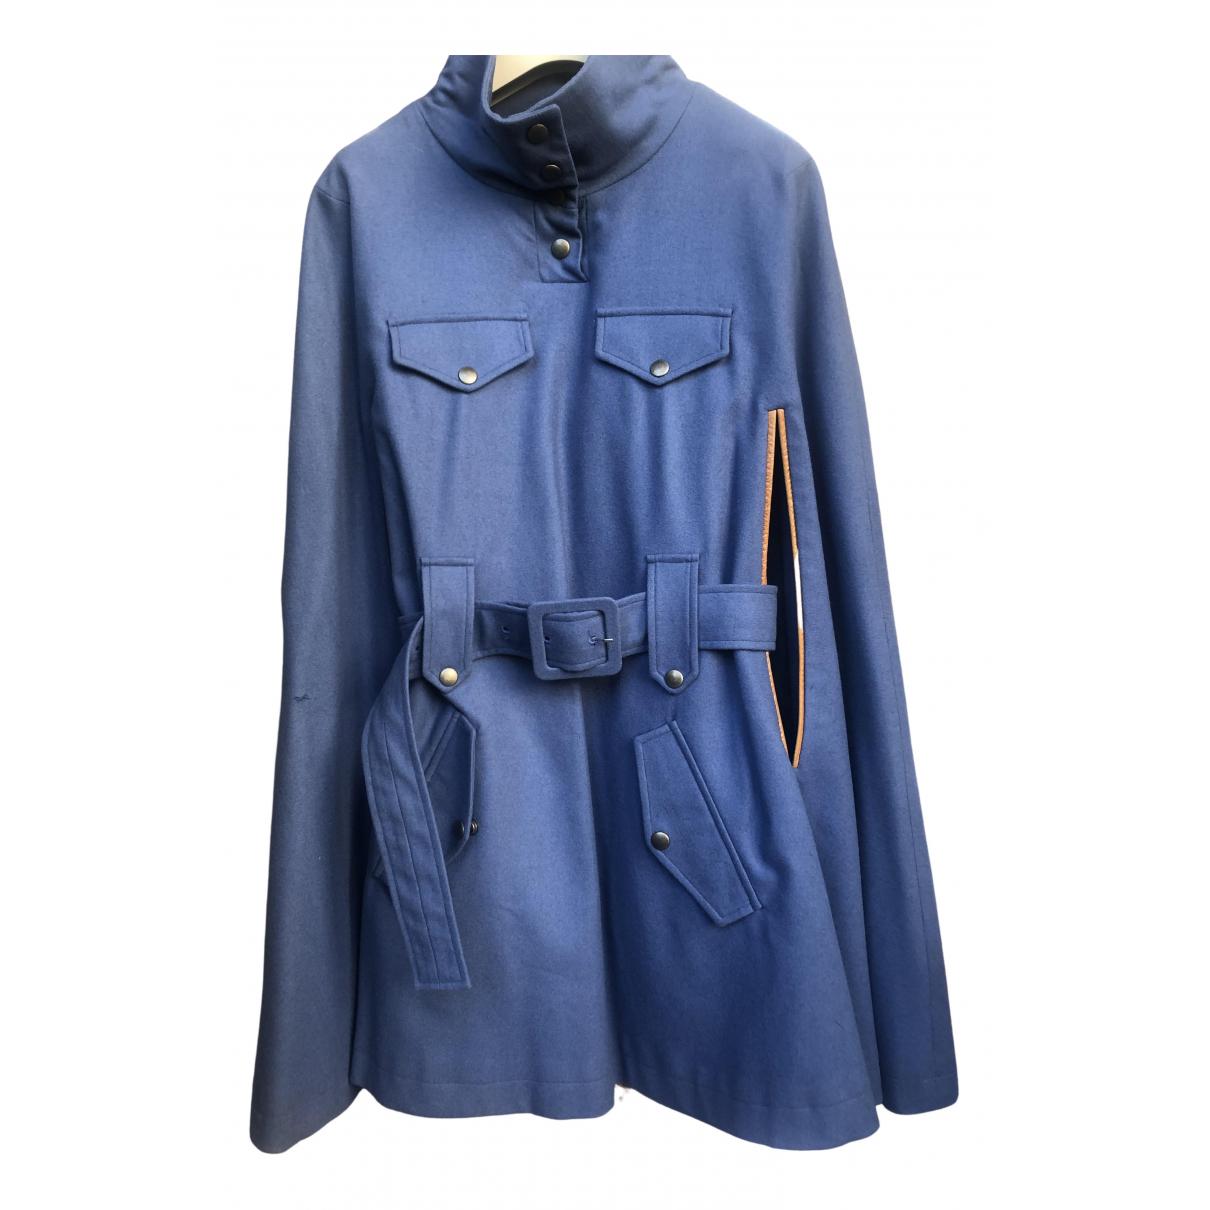 Eley Kishimoto N Wool coat for Women 10 UK